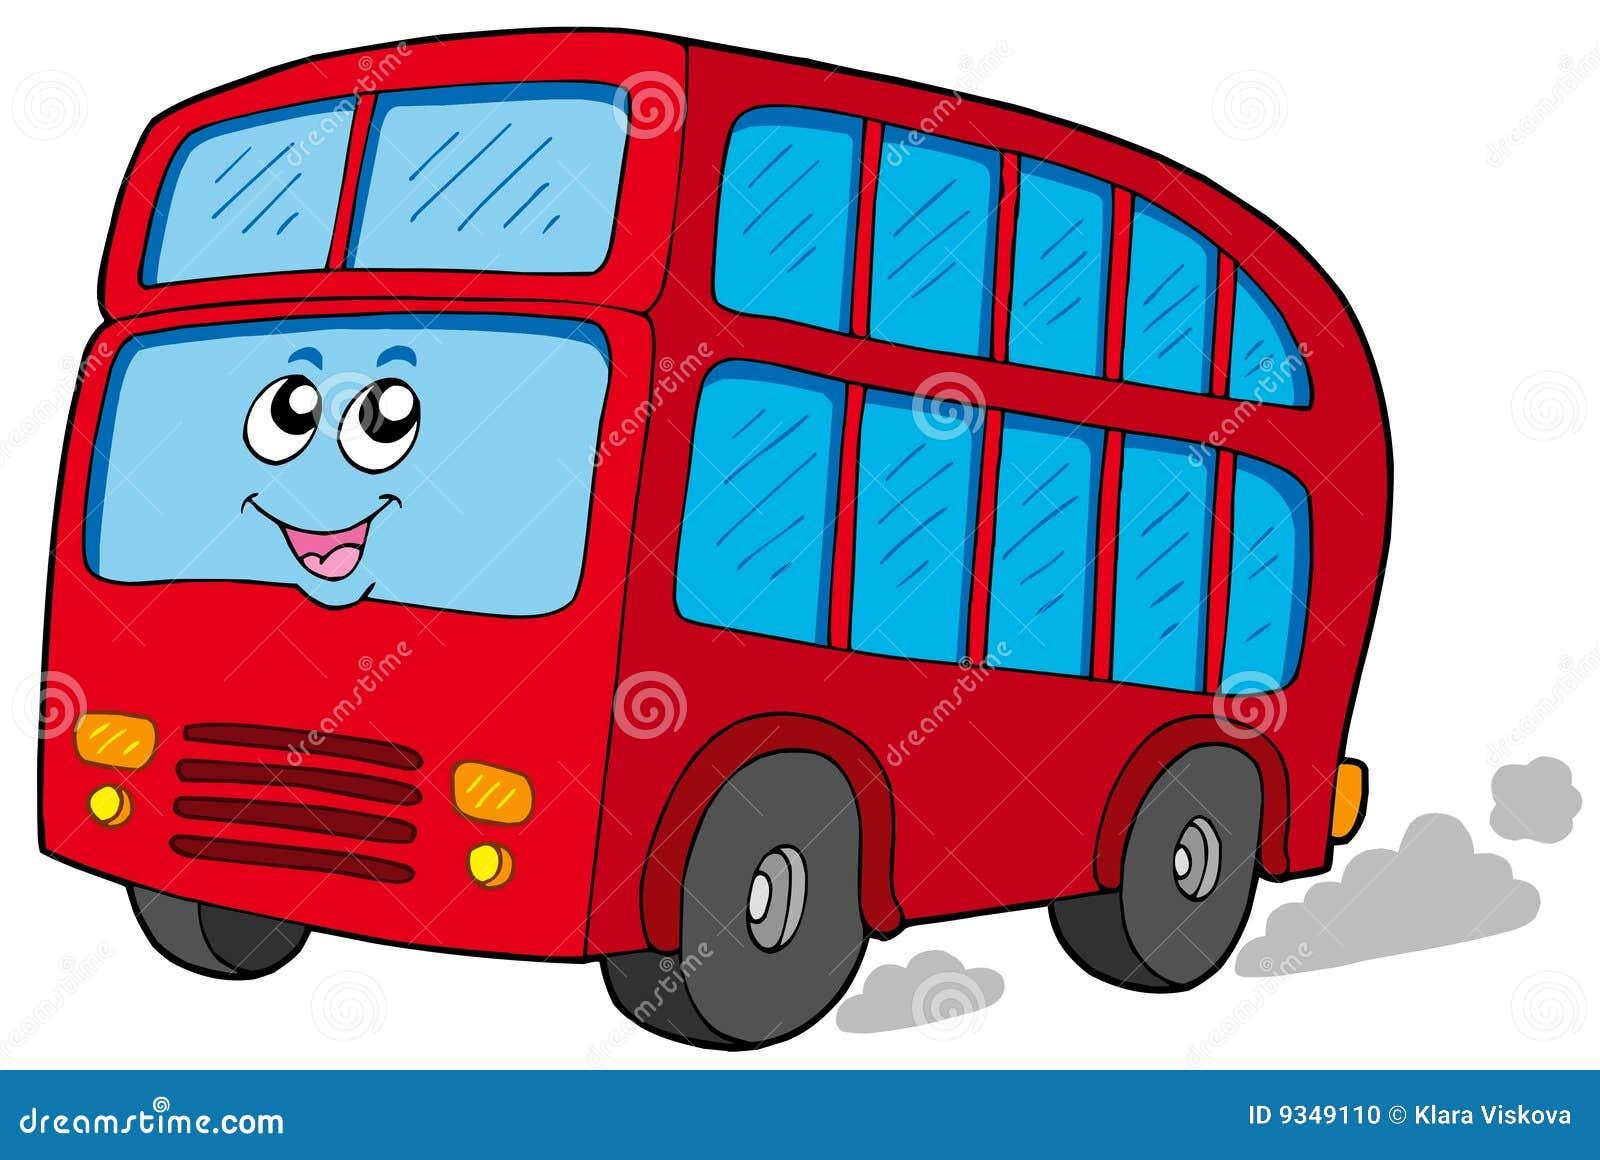 Autobus a due piani del fumetto illustrazione vettoriale for Disegni di 2 piani